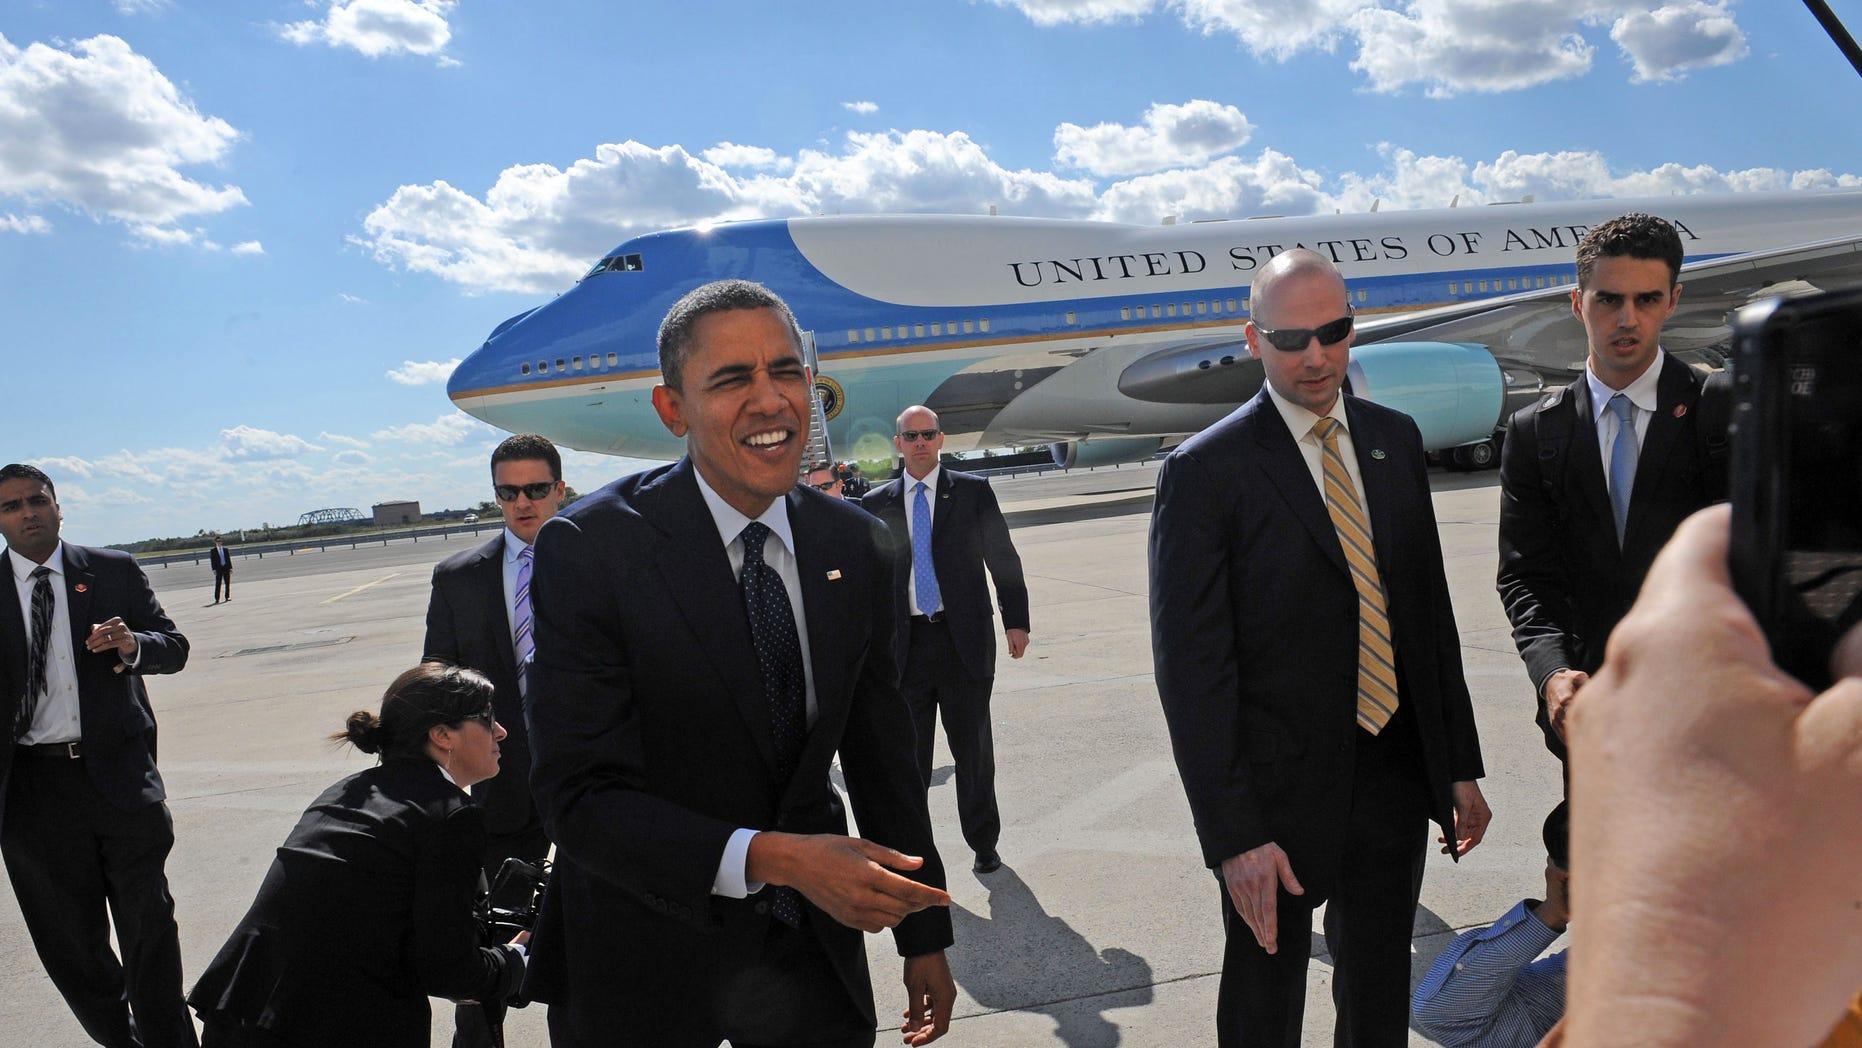 FILE: Sept. .24, 2012: President Barack Obama arrives at JFK International Airport in New York.